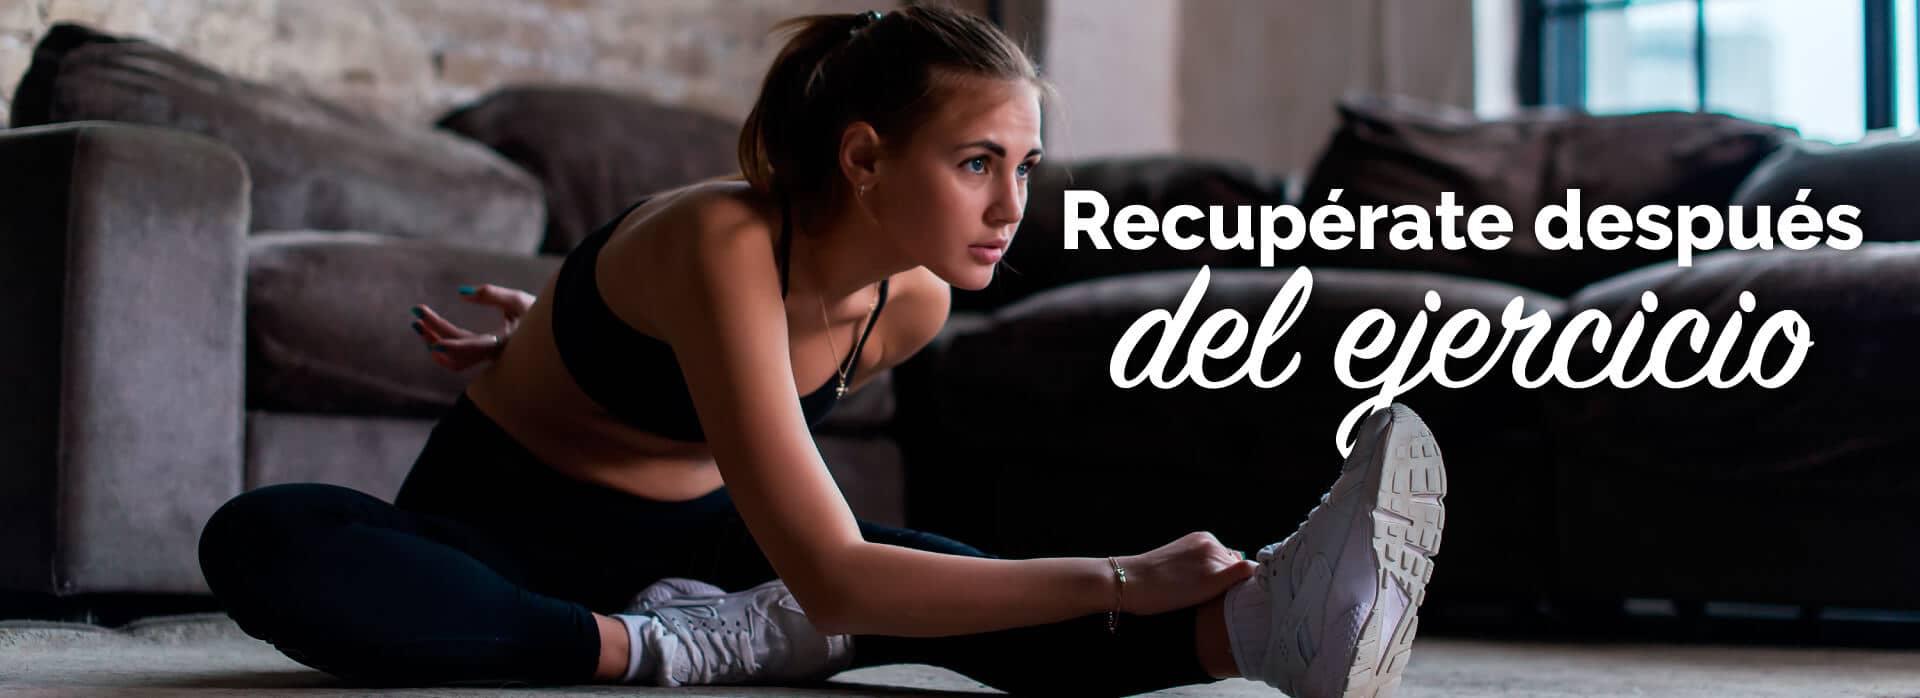 Recupérate después del ejercicio